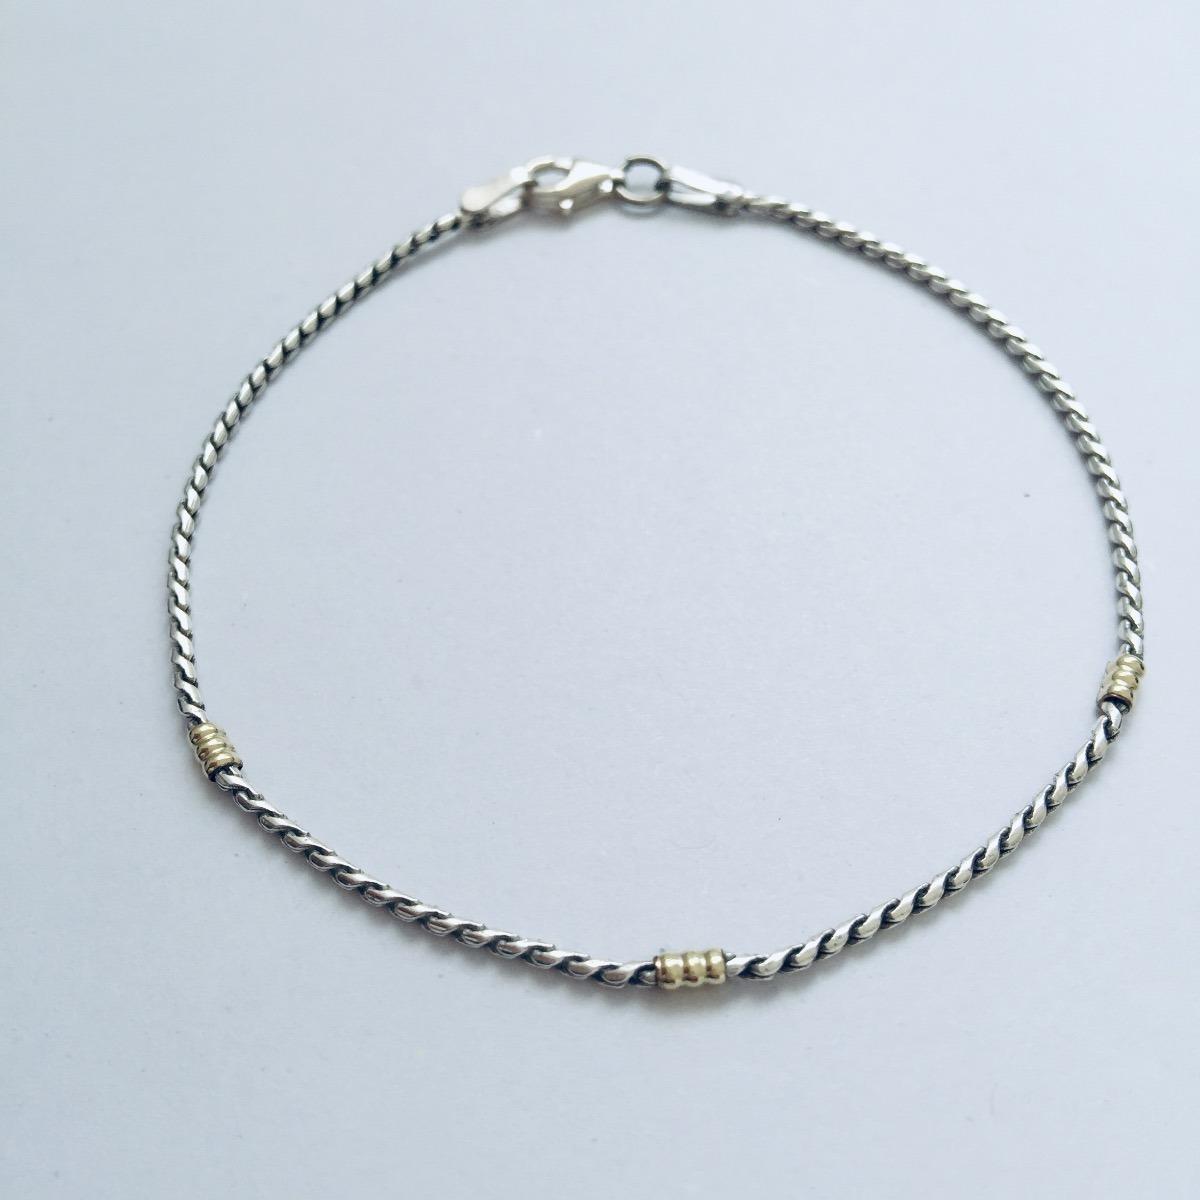 5dab84125bf8 pulsera plata y oro pincet 21cm ® prill joyas. Cargando zoom.